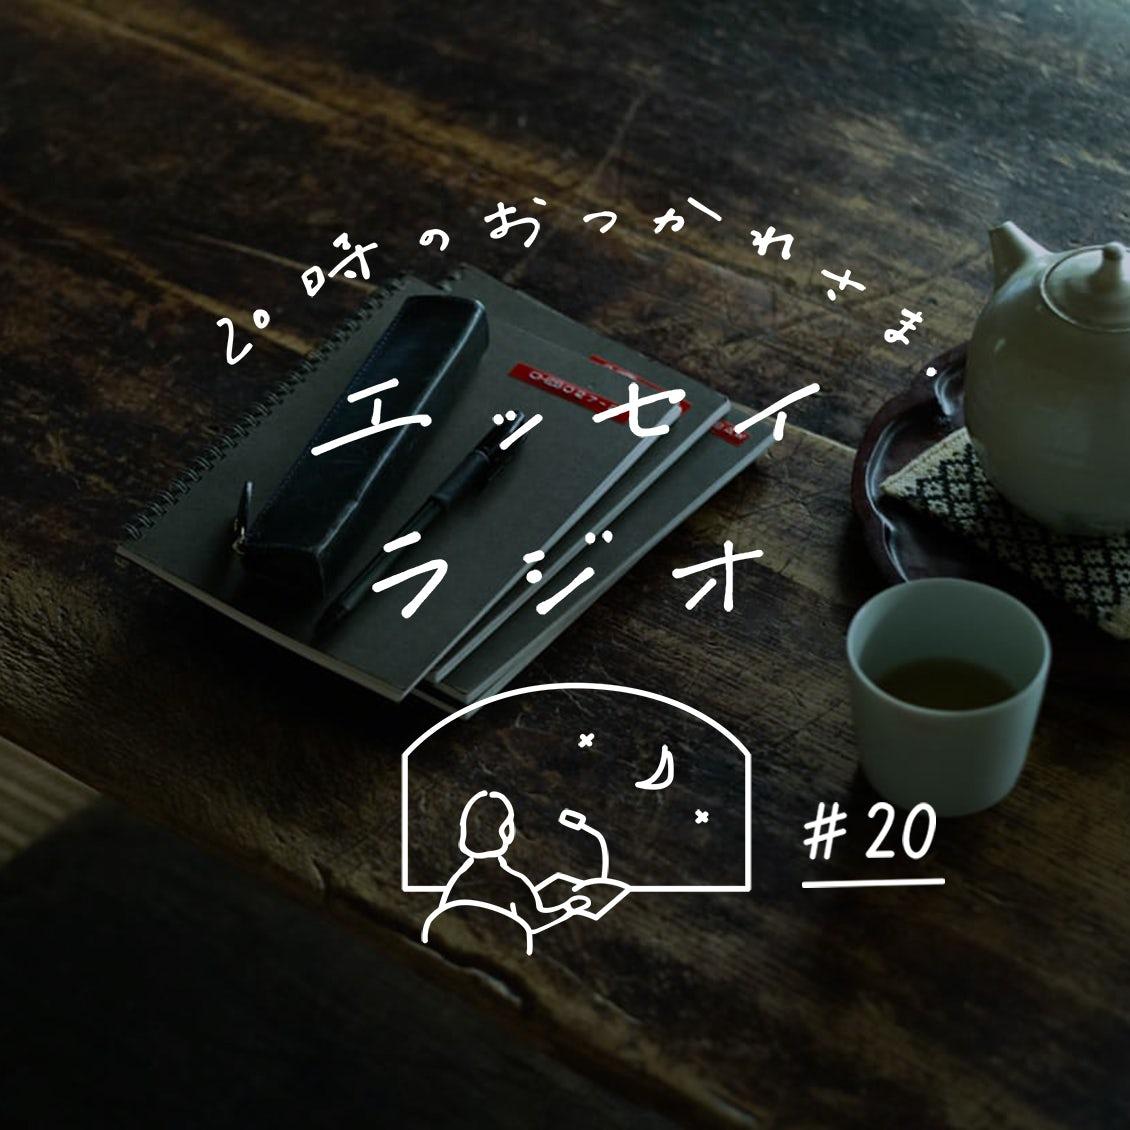 【エッセイラジオ】第20夜:一田憲子さんのエッセイ「大事なのはどんな仕事をするかでなく、どう仕事をするかだった」(読み手:スタッフ青木)